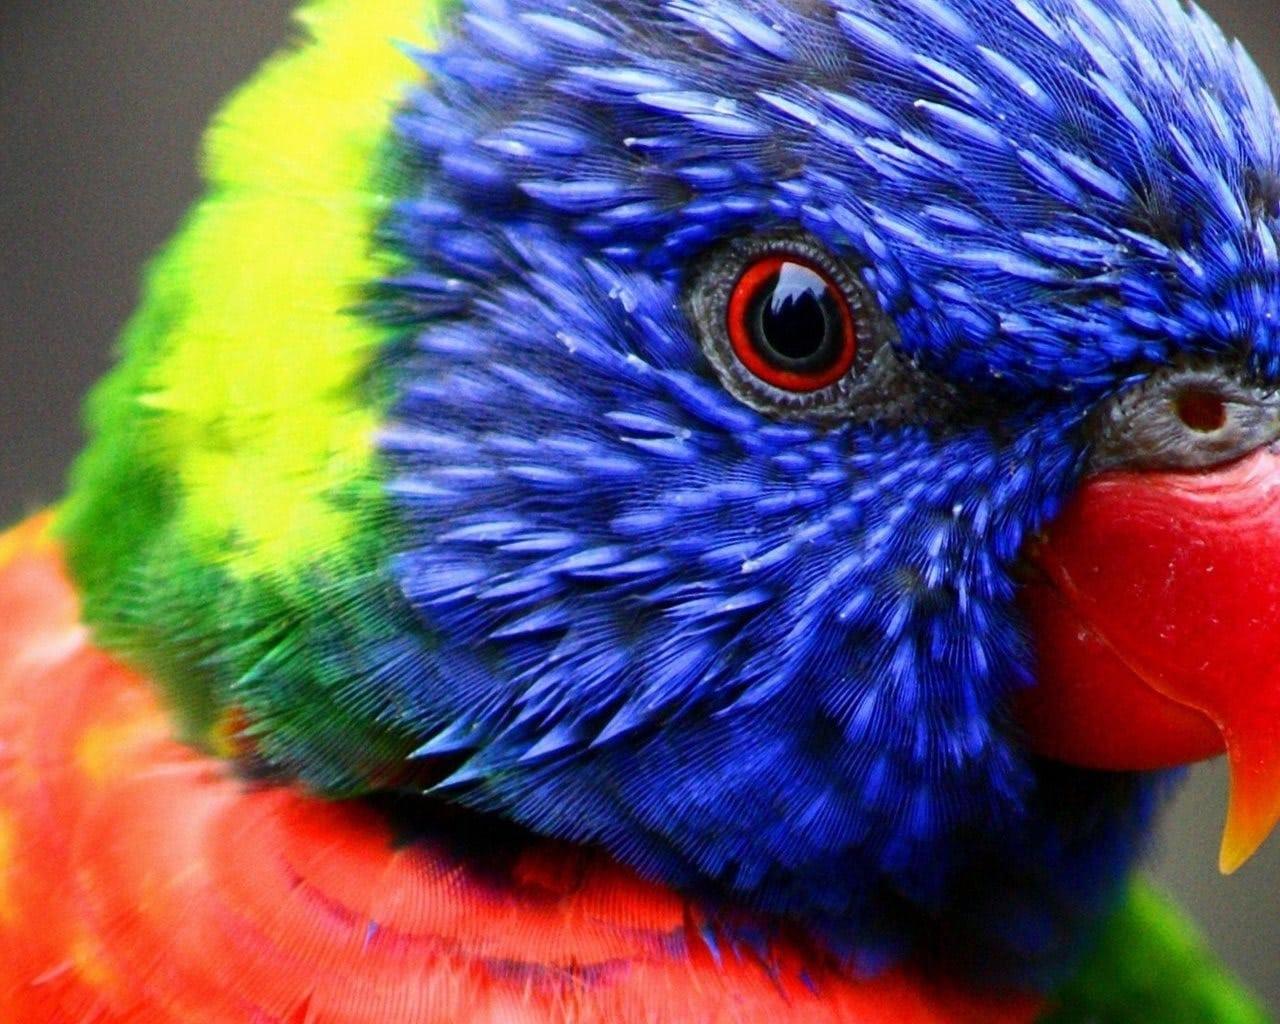 anekdoto ine enas papagalos ke enas malkas poly gelio